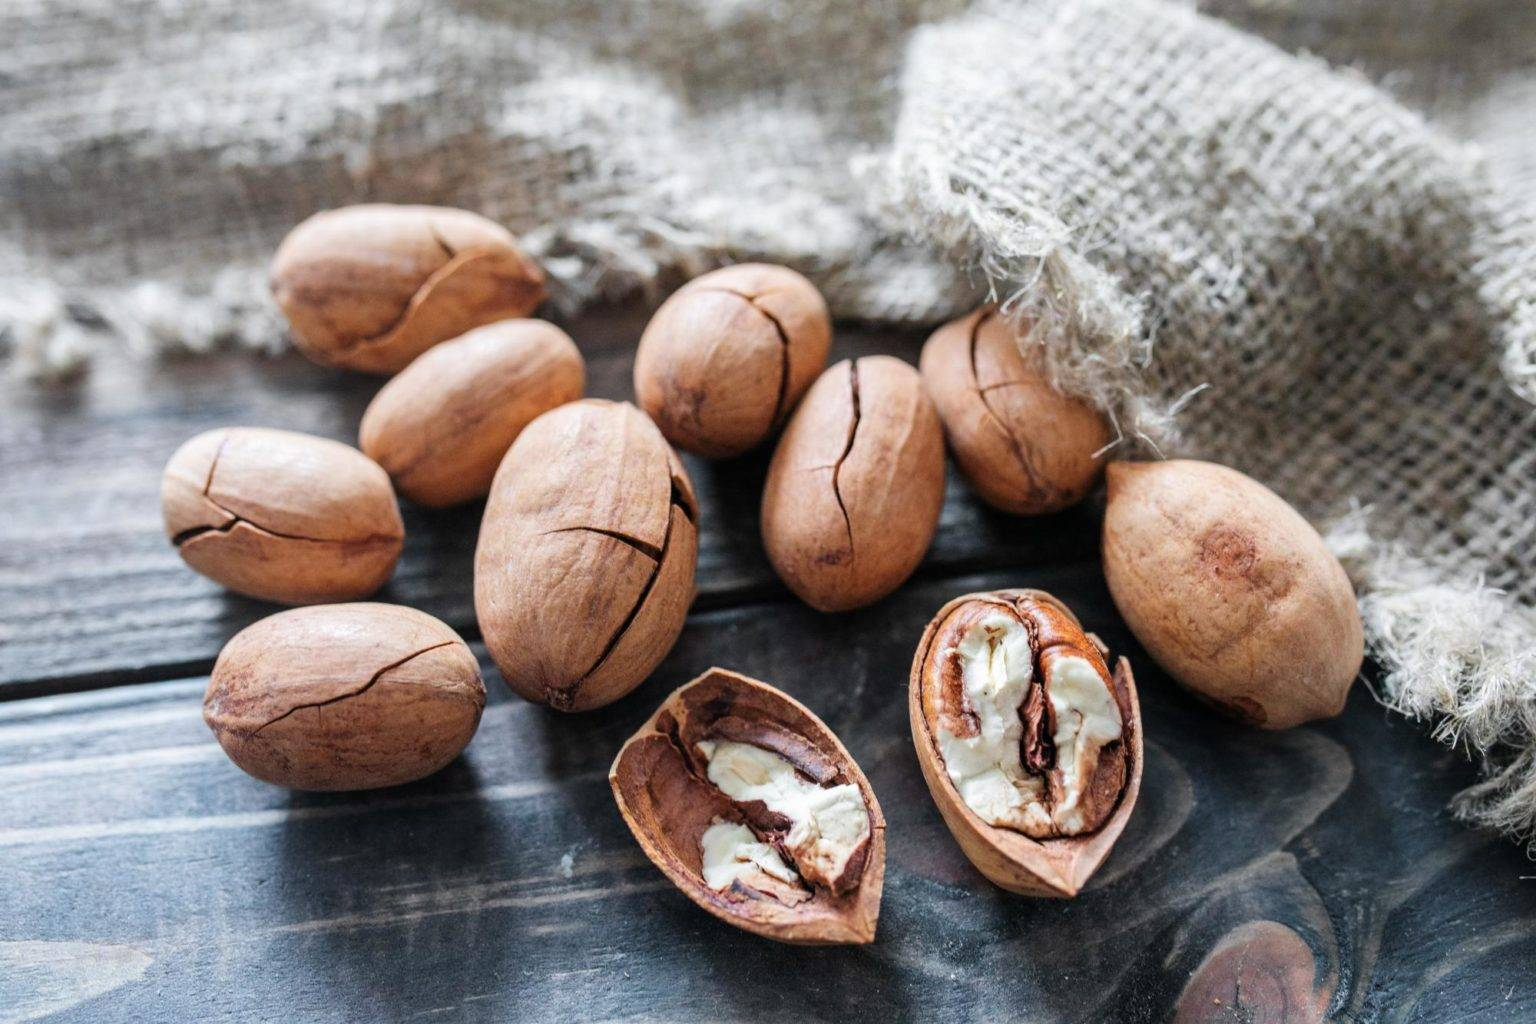 Орех пекан: польза и вред, калорийность, состав, рецепт кленовый пекан